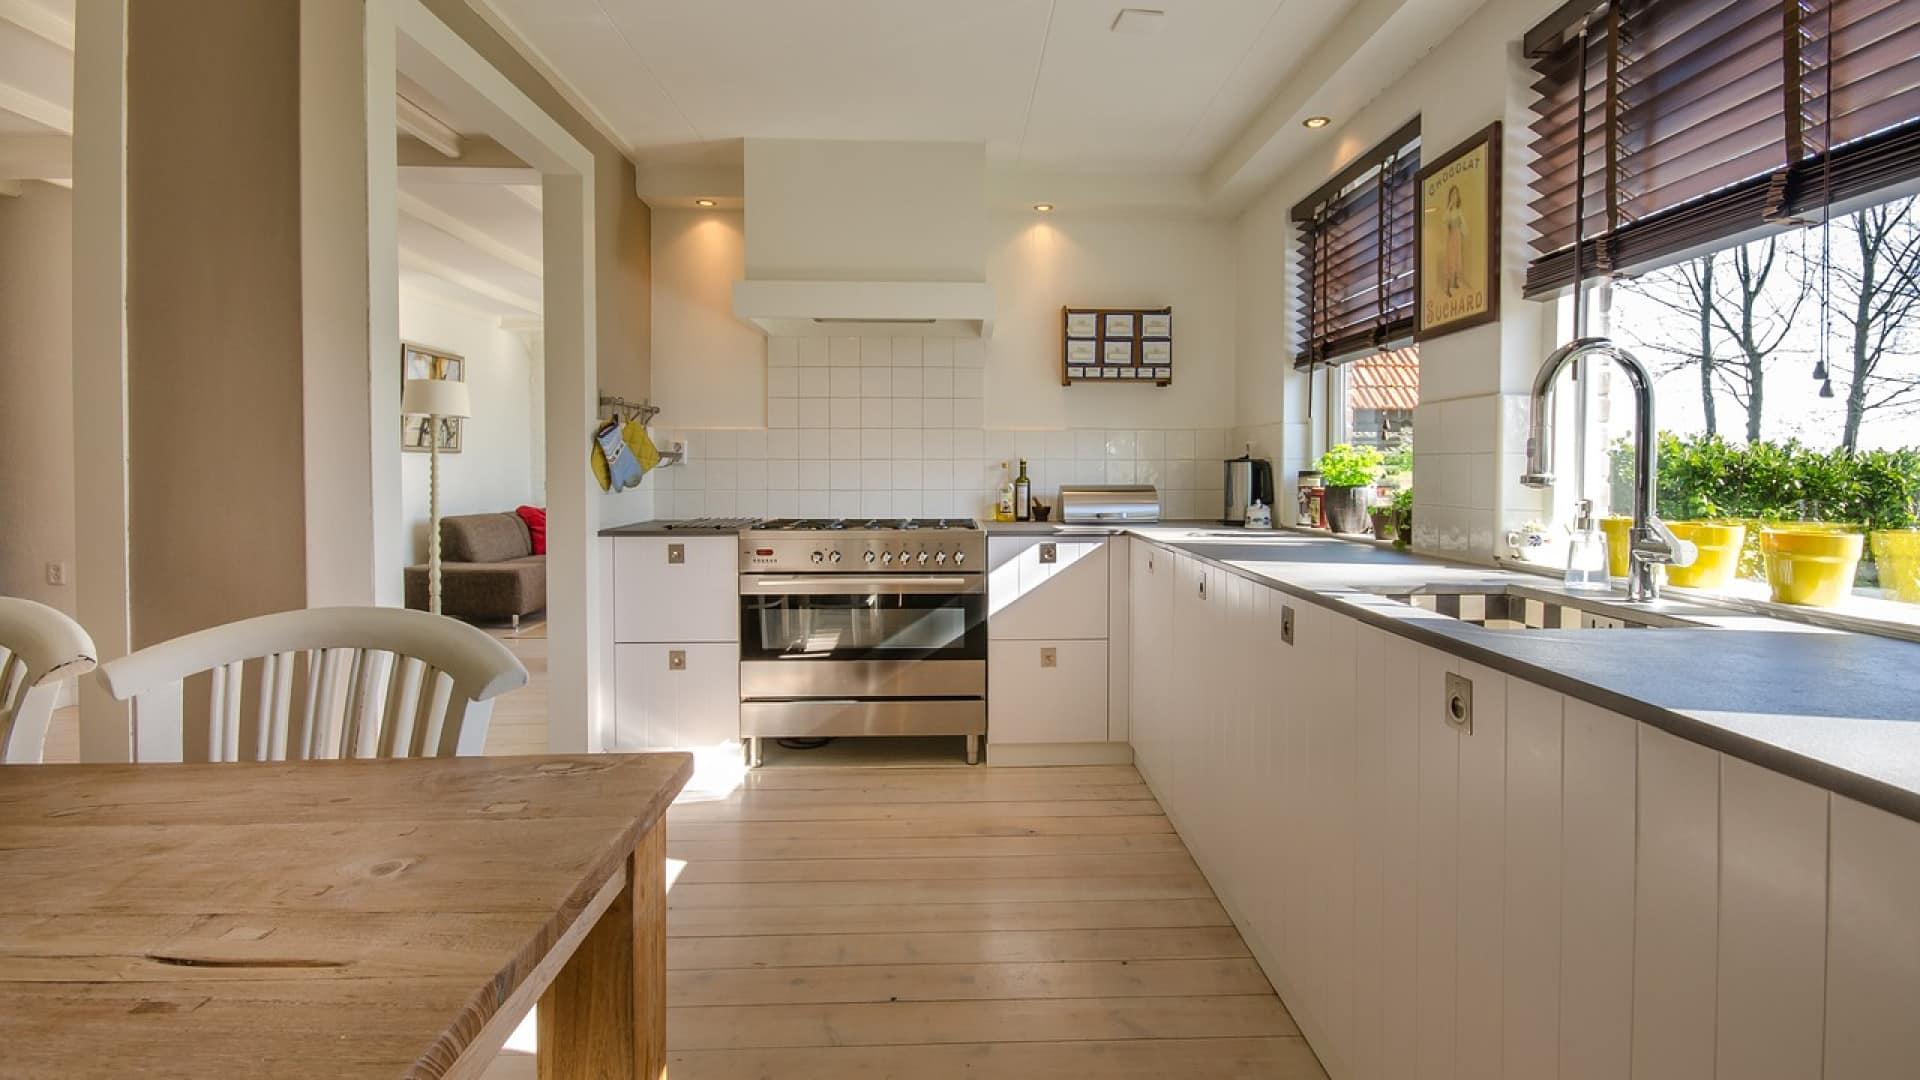 Comment réussir l'aménagement de votre cuisine